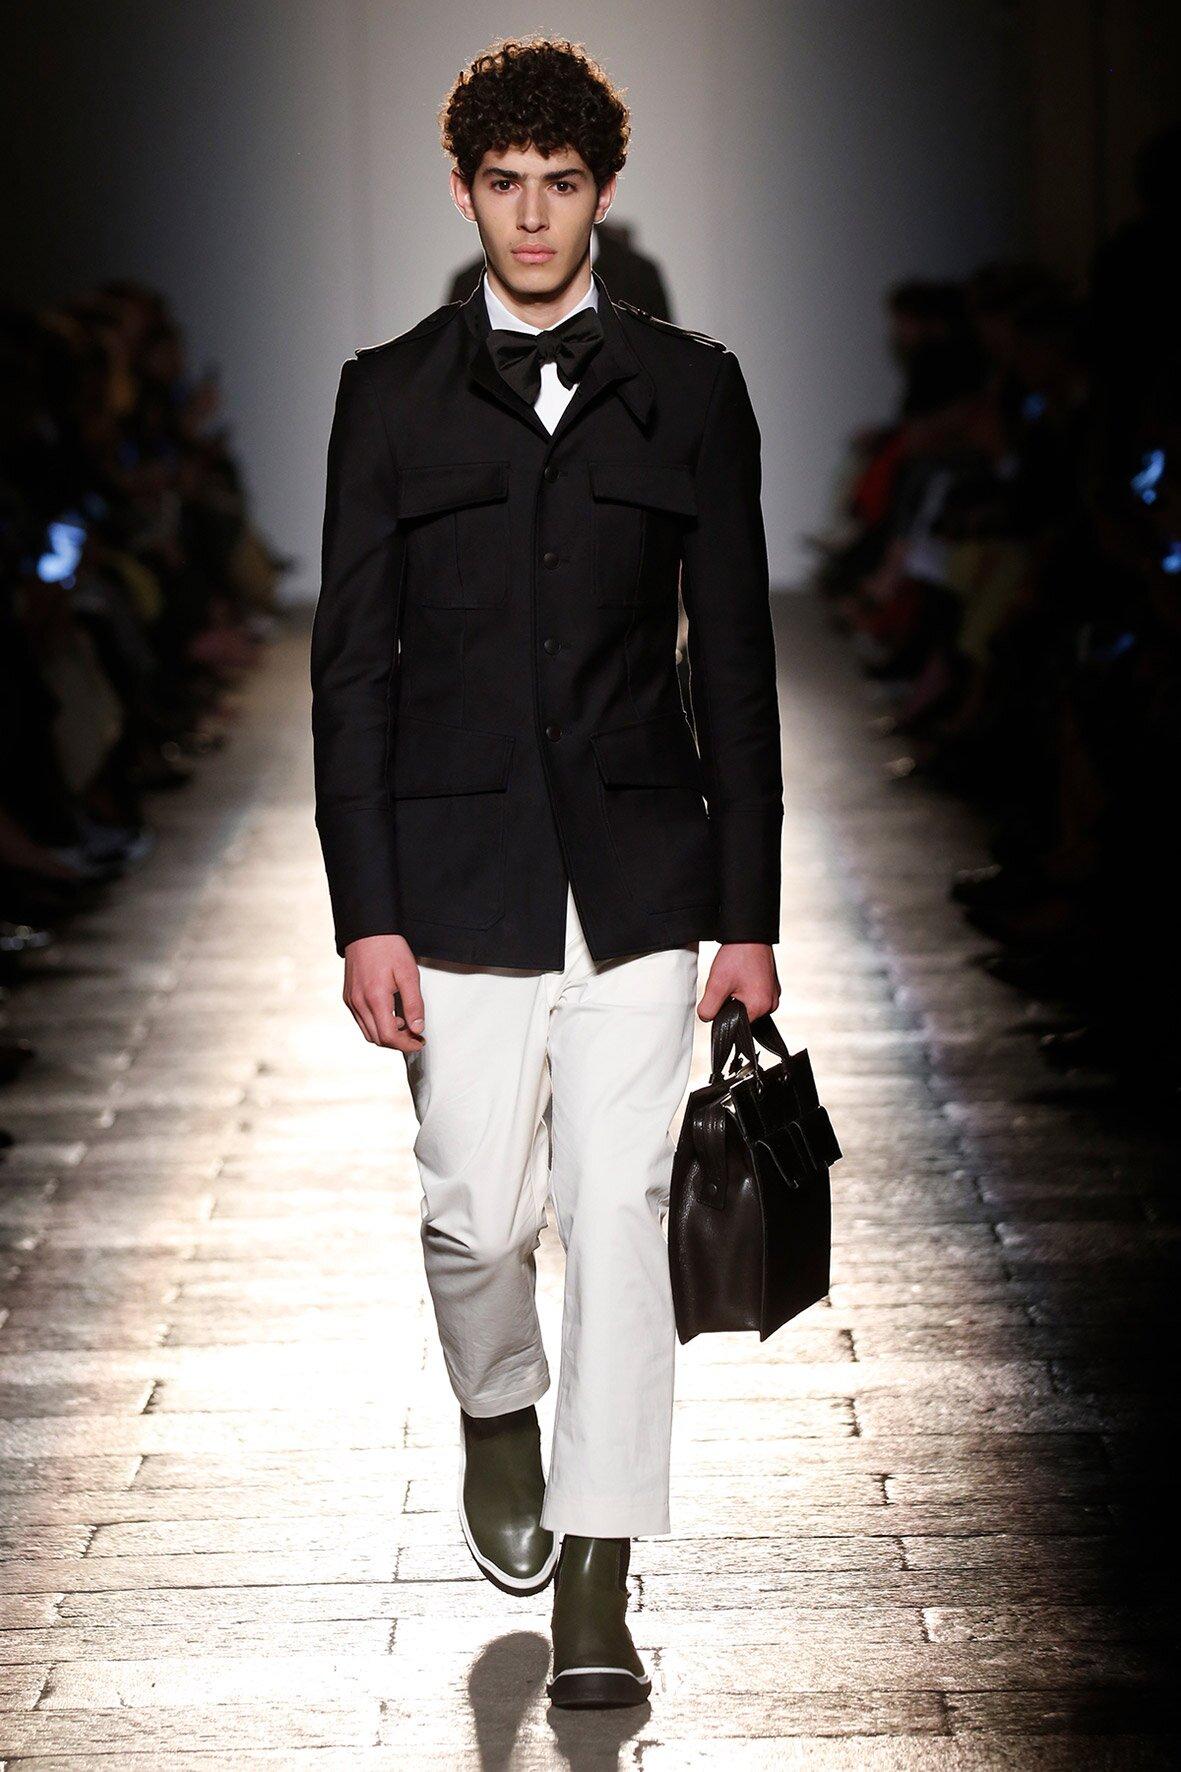 Bottega Veneta Milan Fashion Week Menswear